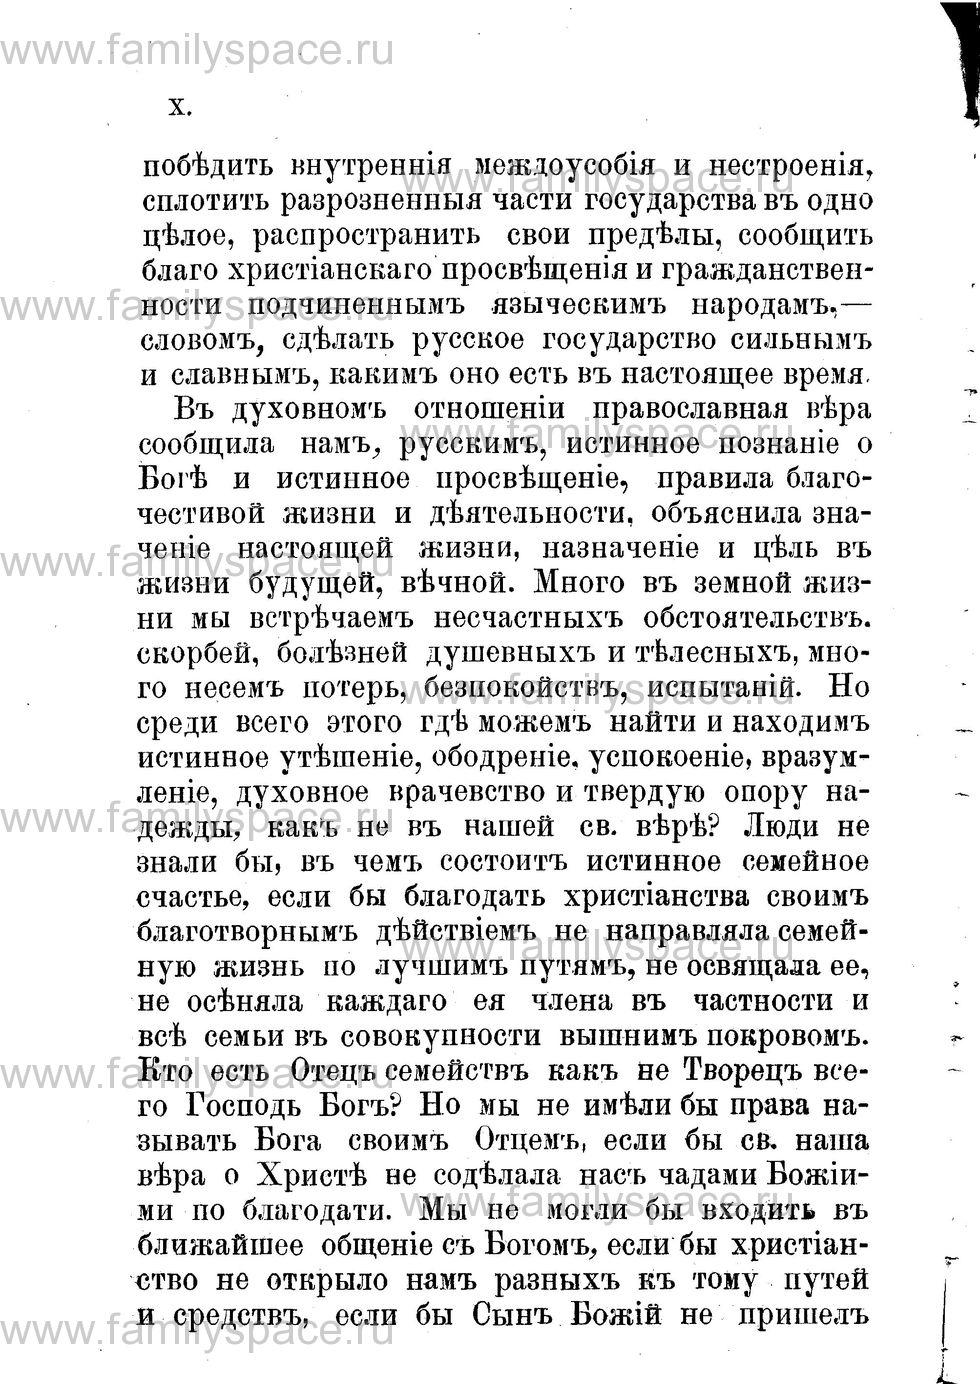 Поиск по фамилии - Адрес-календарь Нижегородской епархии на 1888 год, страница 11